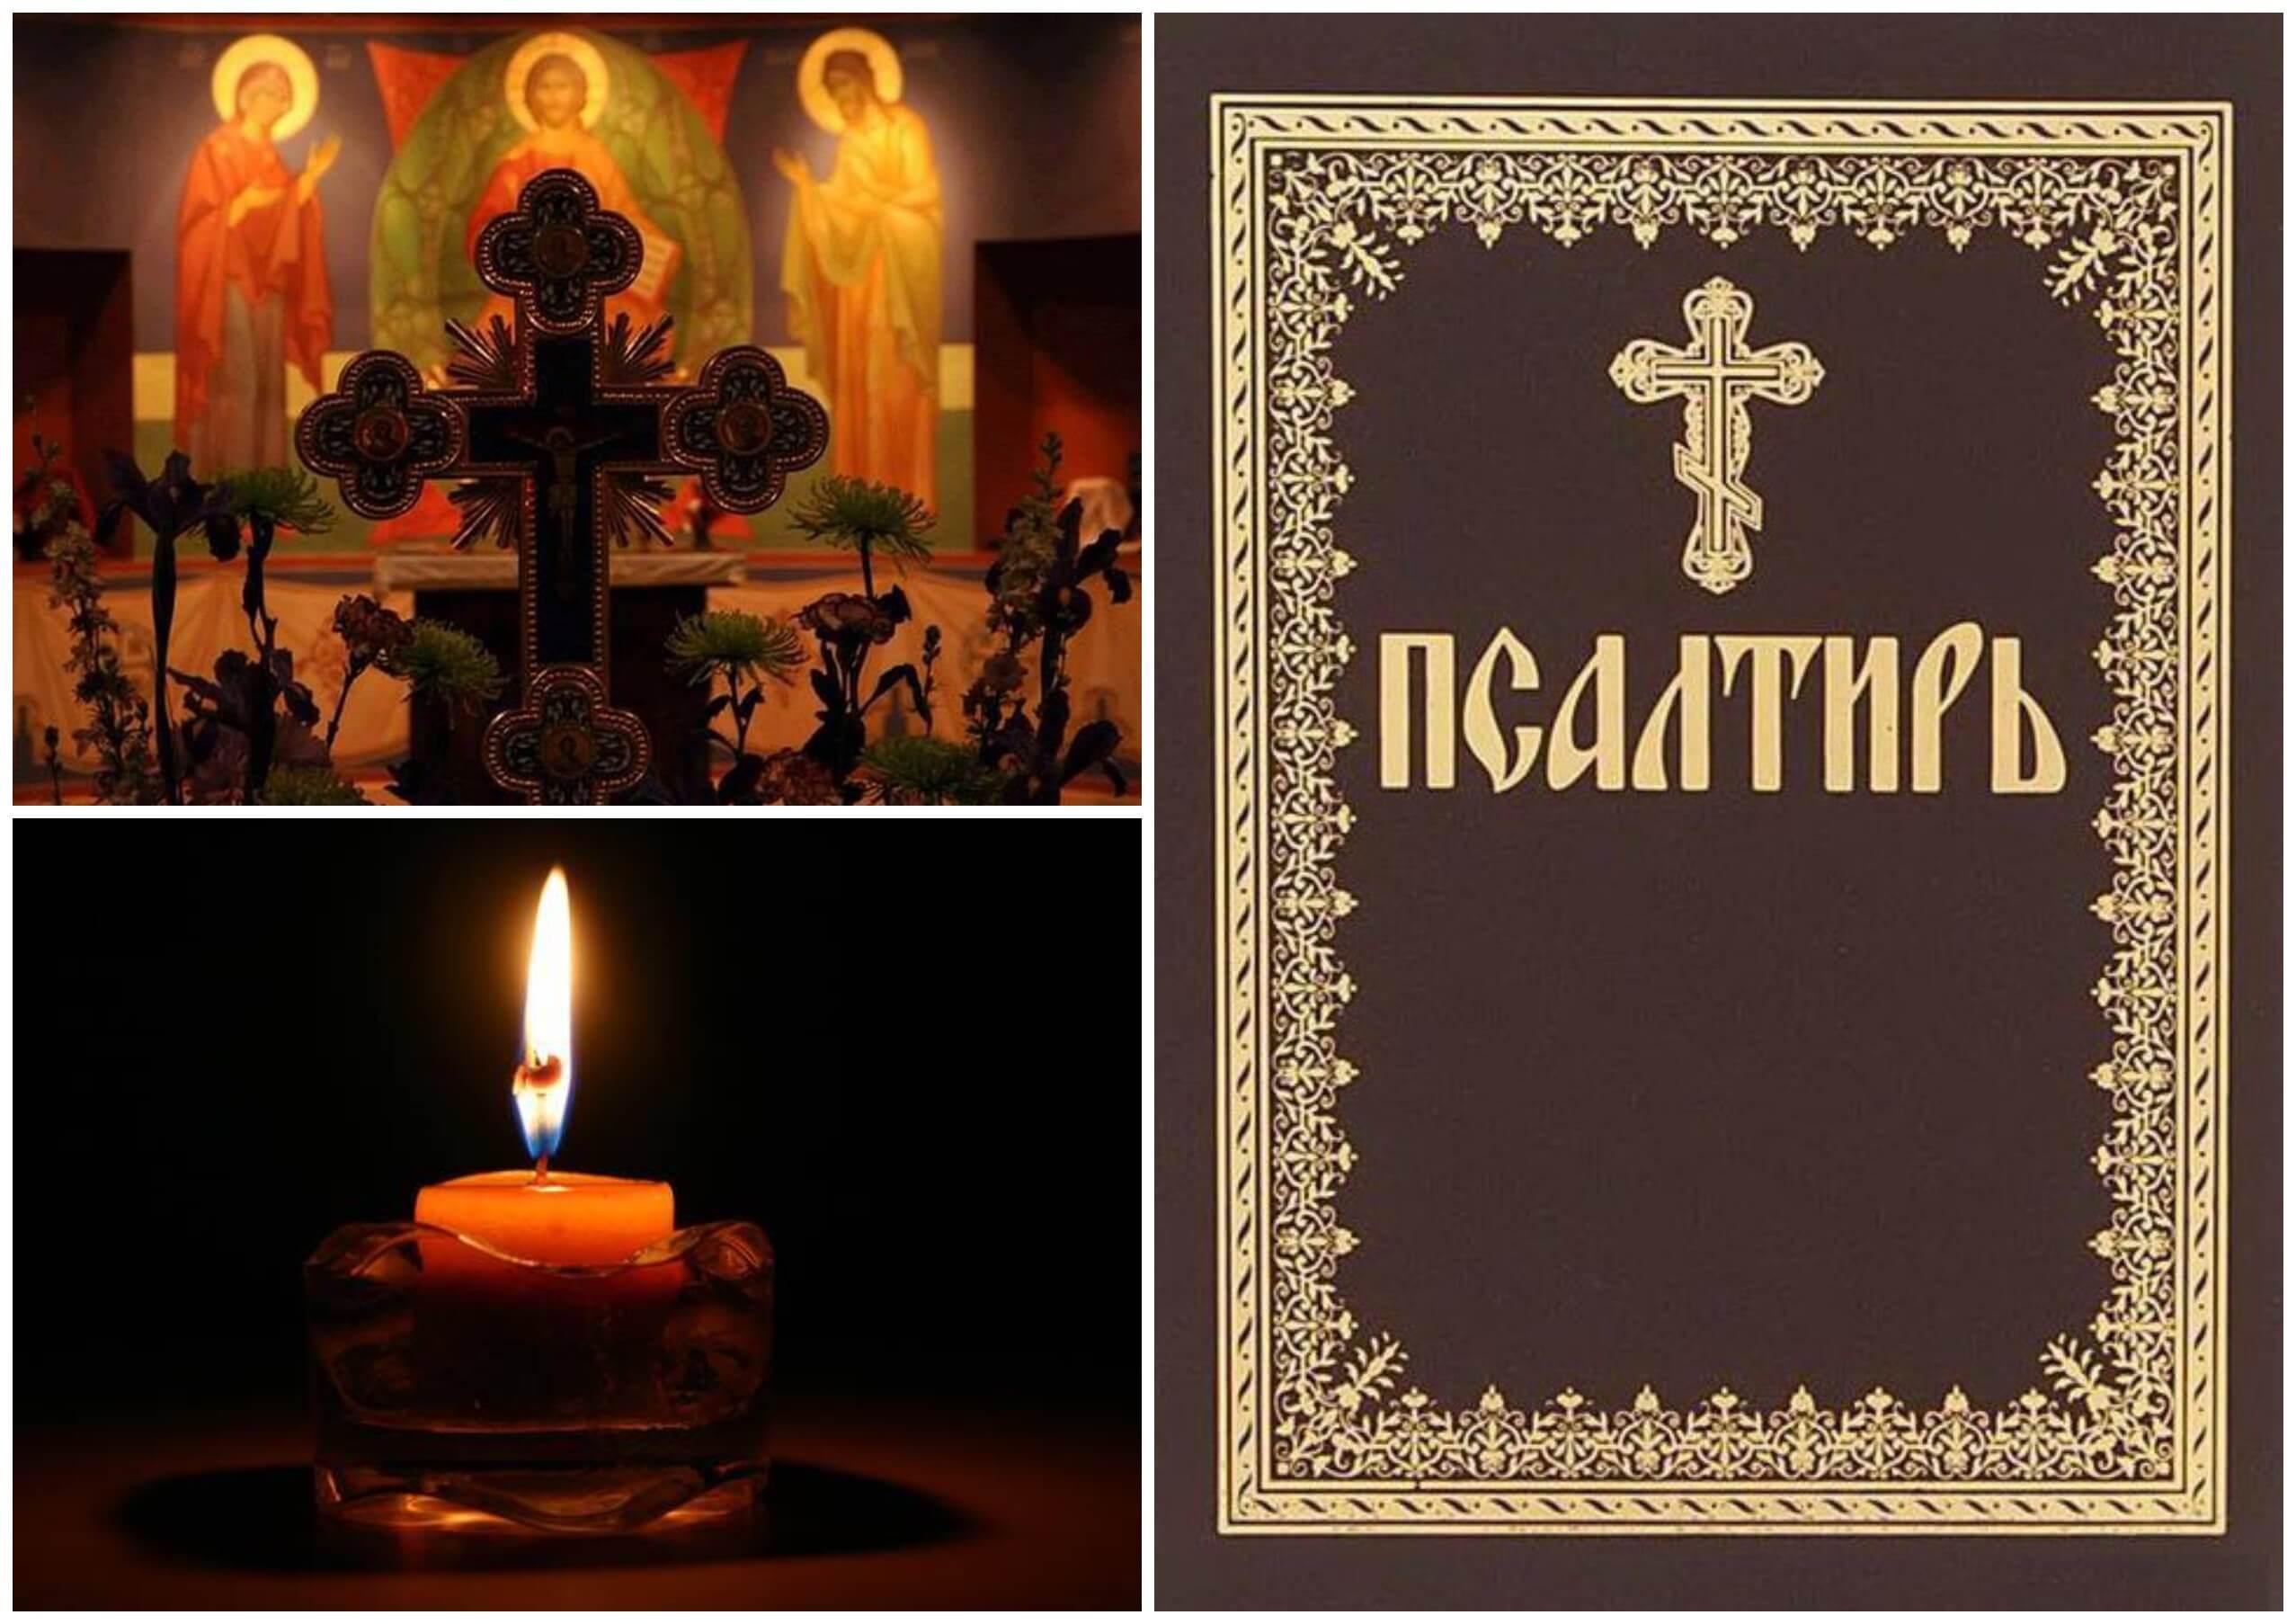 На фото изображен Псалтырь, горящая свеча и крест в церкви.